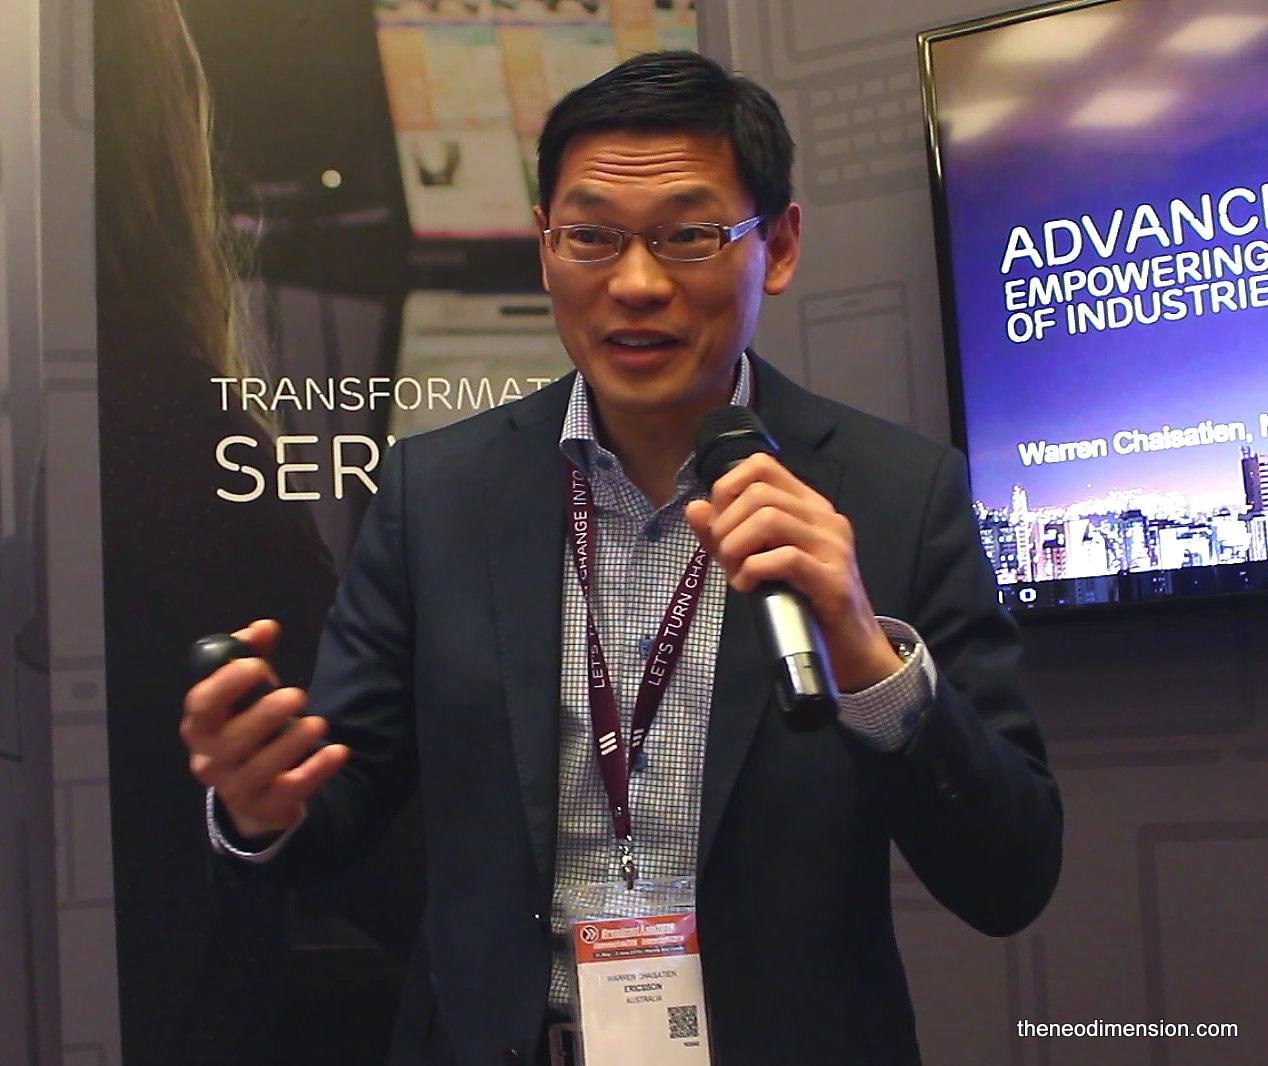 Warren Chaisatien, IoT Marketer, Strategist & Technology Evangelist, Ericsson